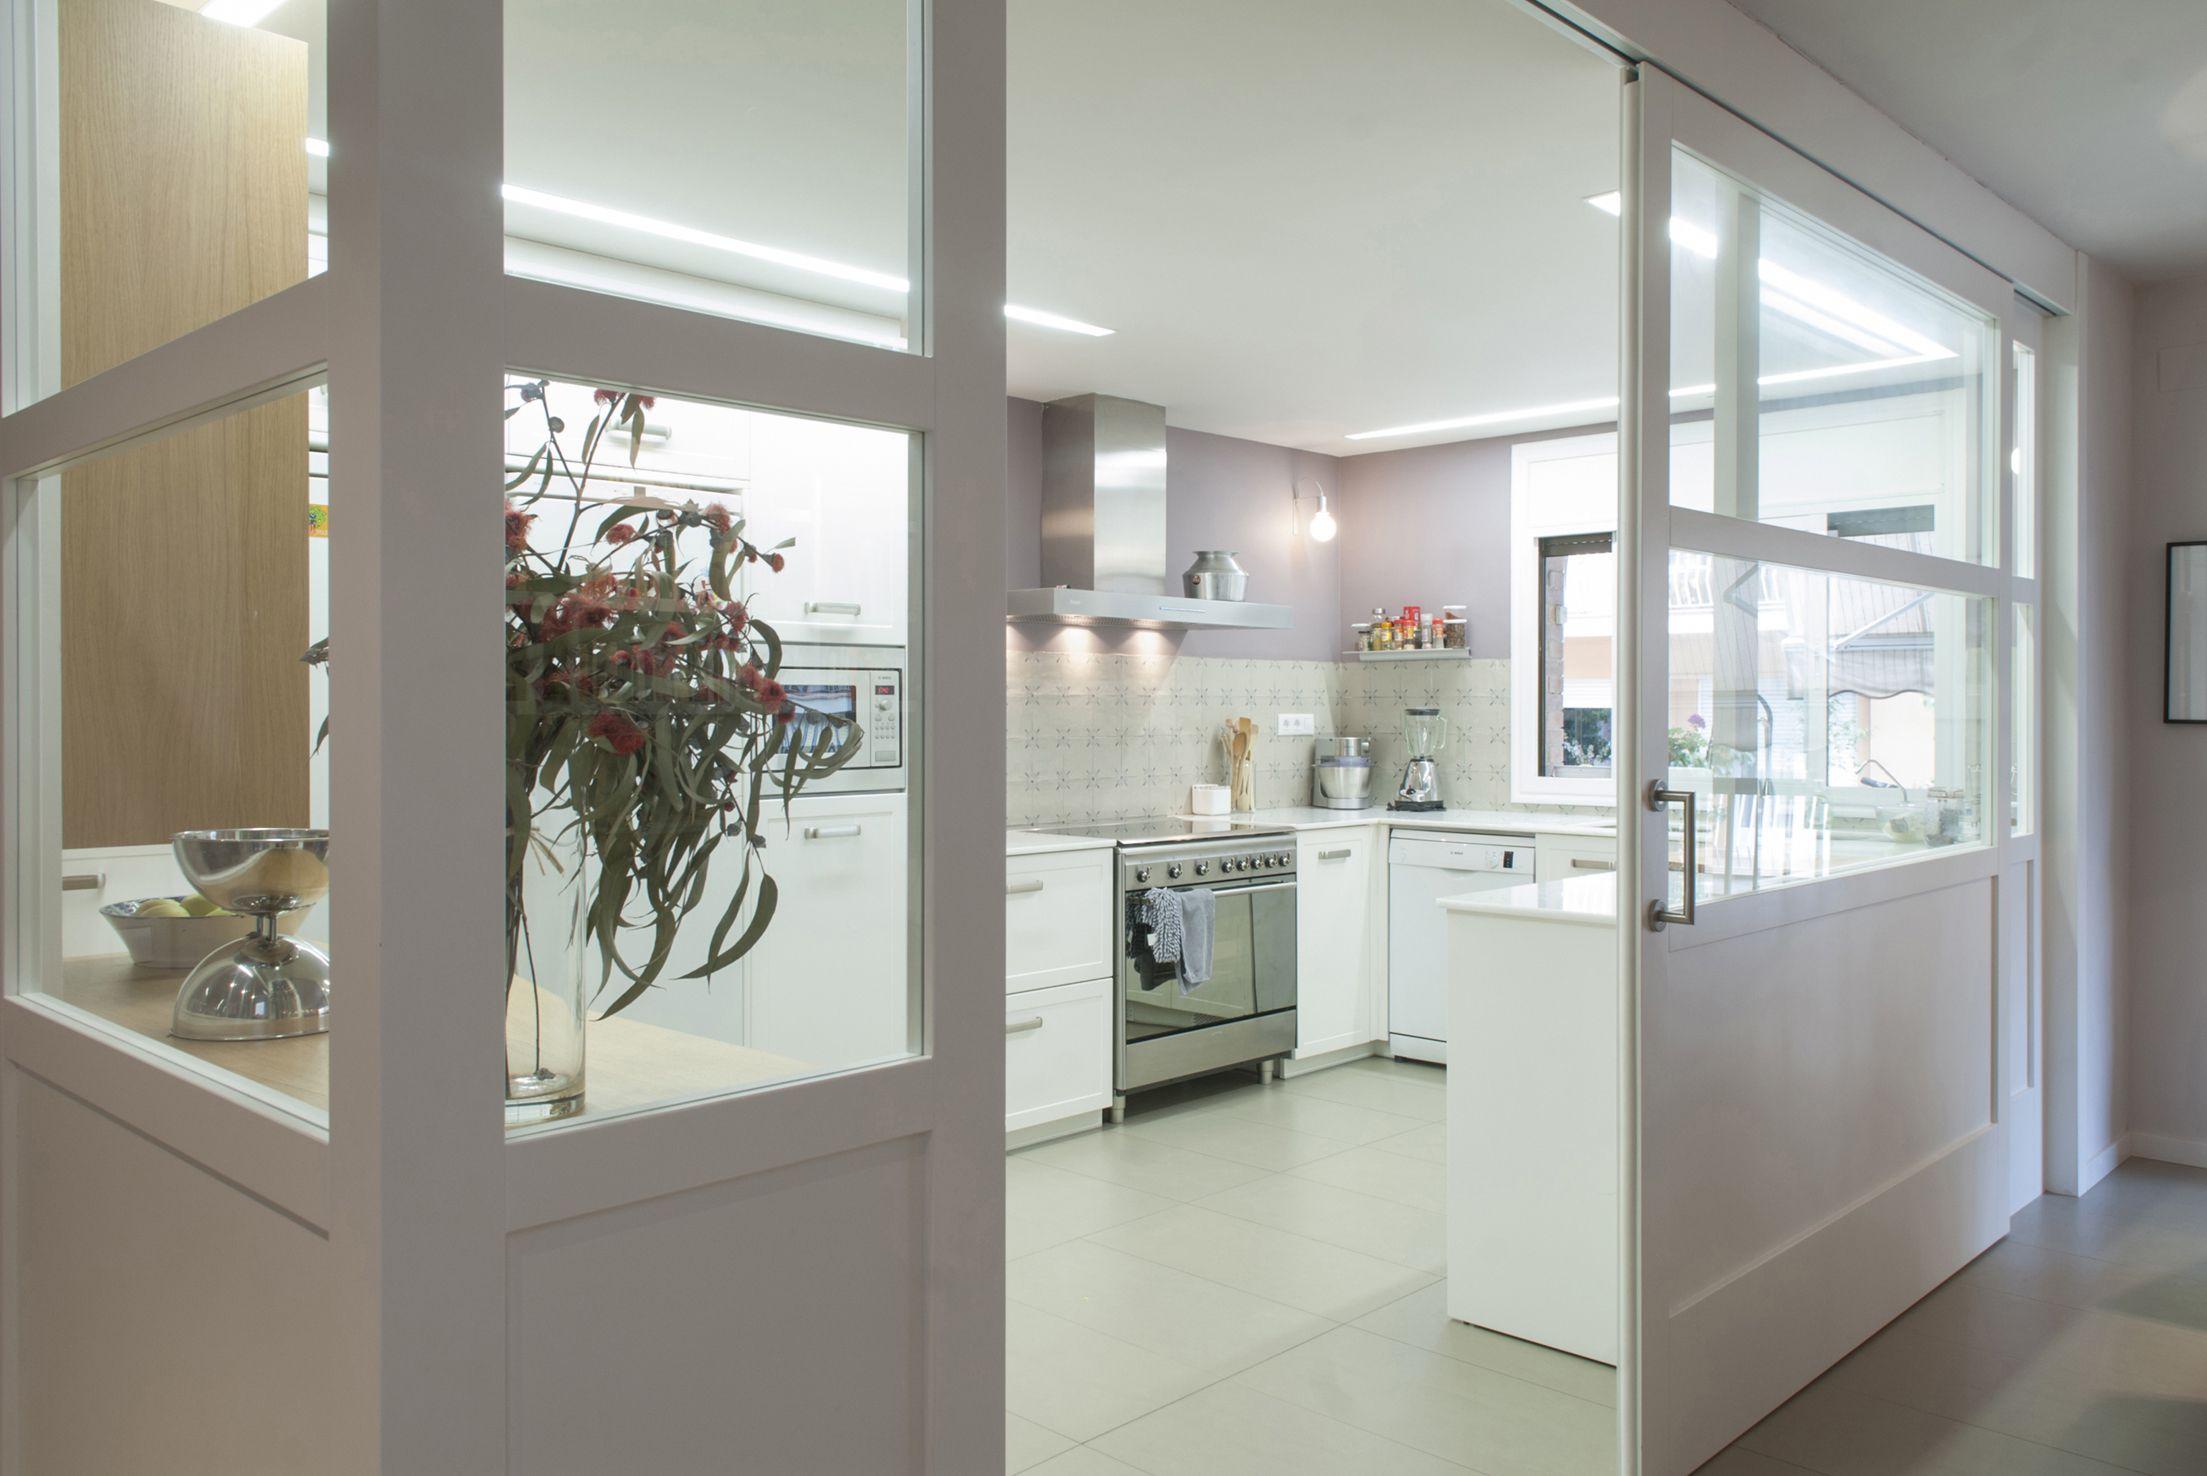 Cocina #contemporaneo #decoracion via @planreforma #puertas #vidrio ...